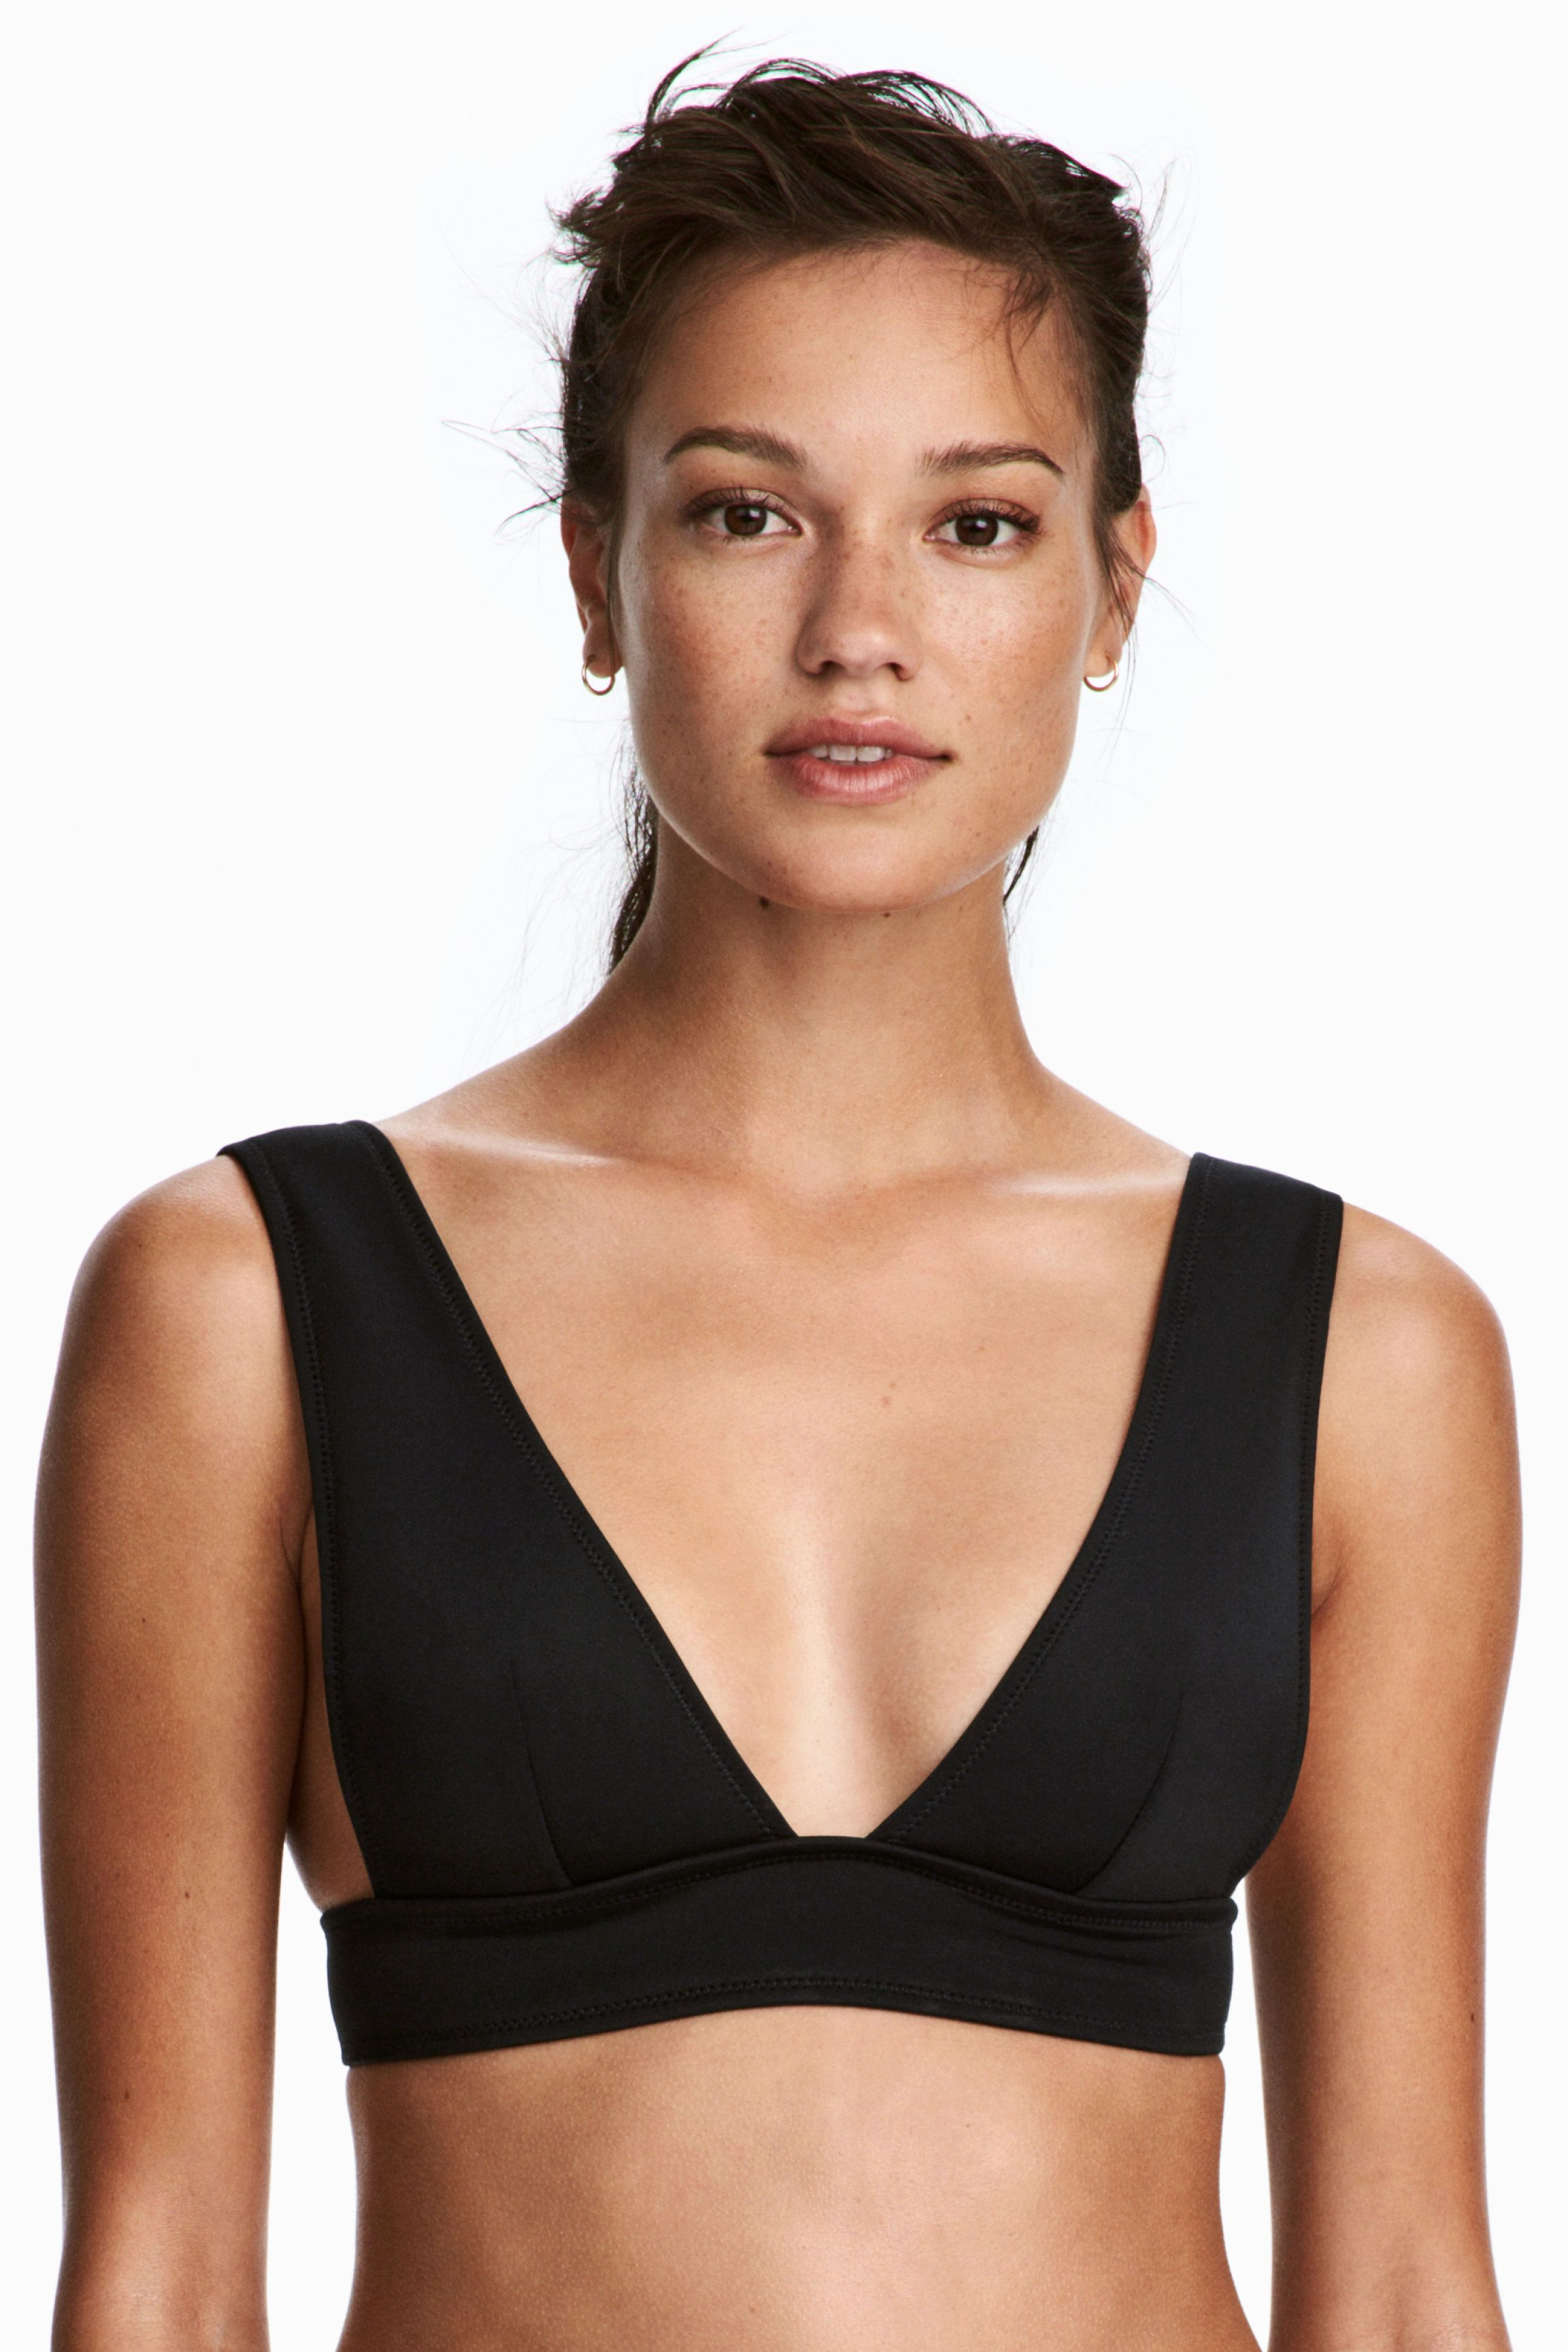 6e0e4c2e1efd6 Scuba-look Bikini Top | Swimmin' | Black bikini tops, Bikini tops ...